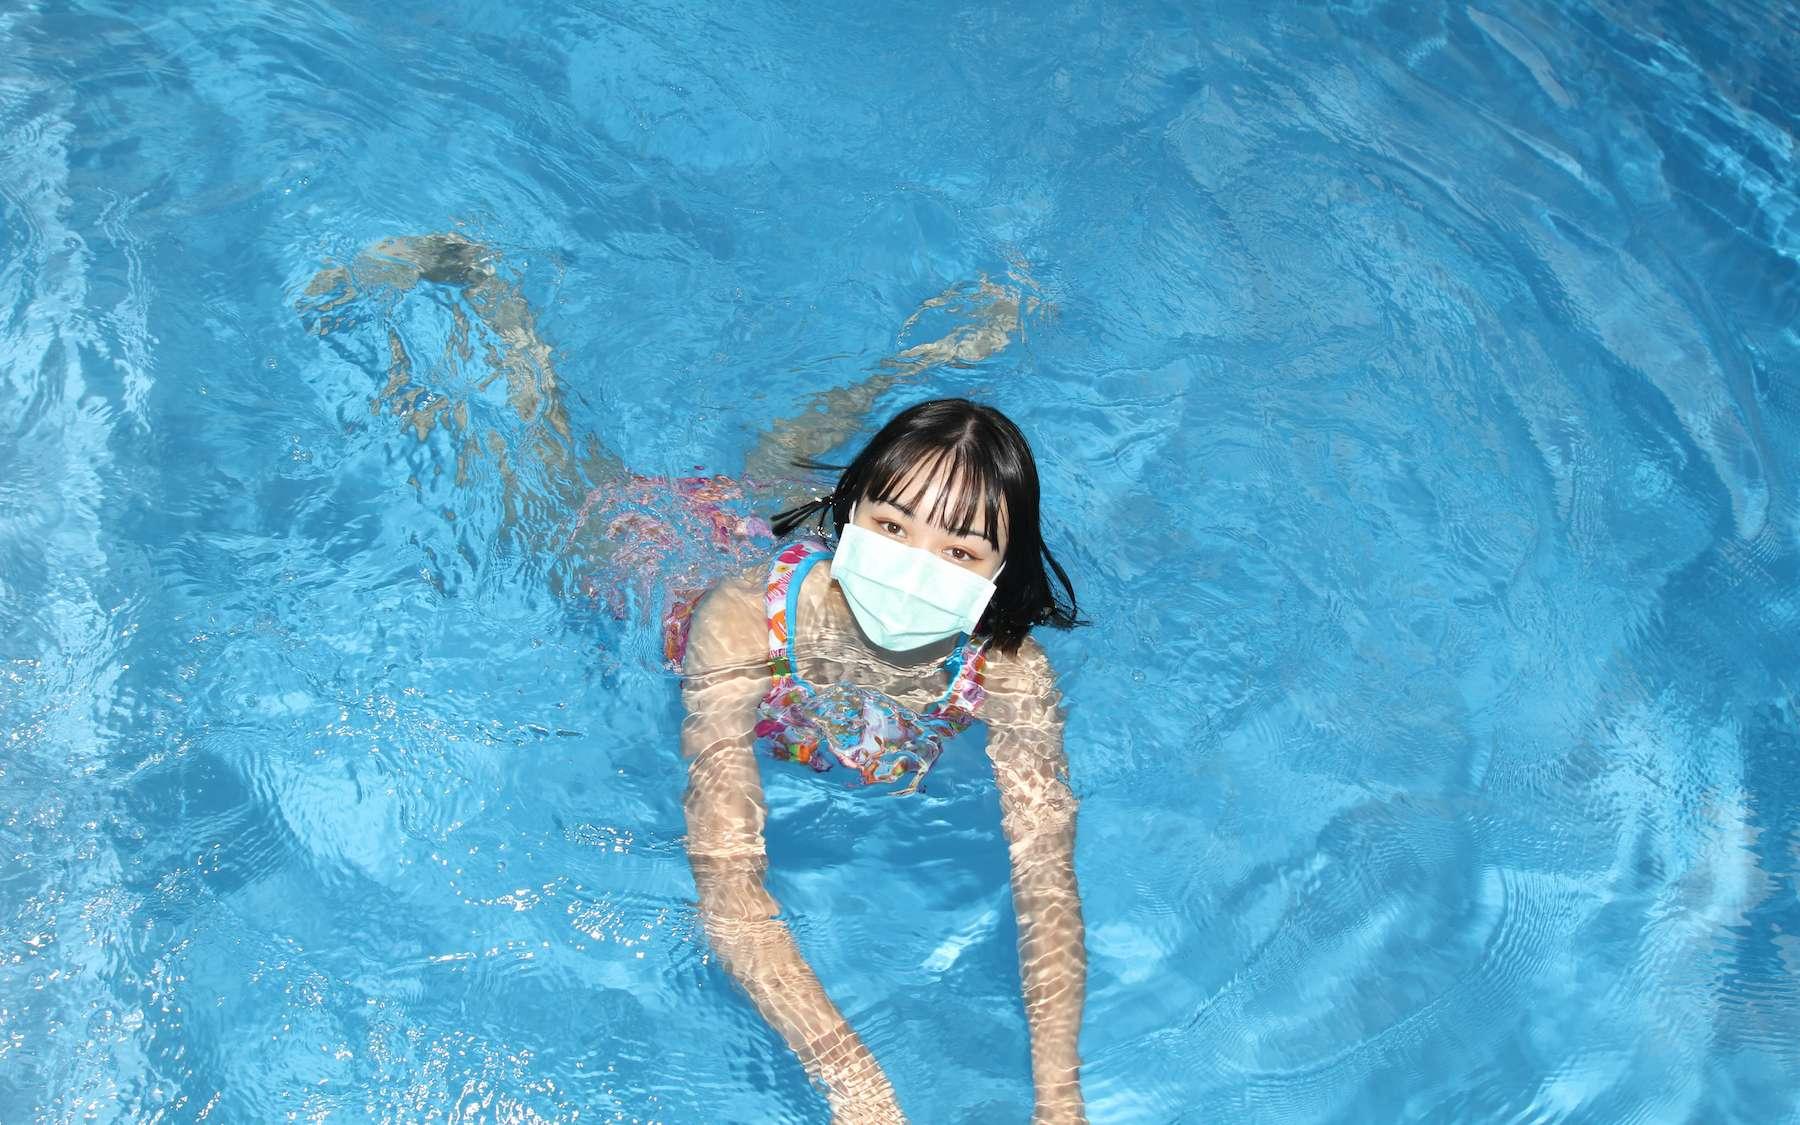 Même pendant les vacances, la précaution est de mise face au coronavirus. © Cyrsiam, Adobe Stock